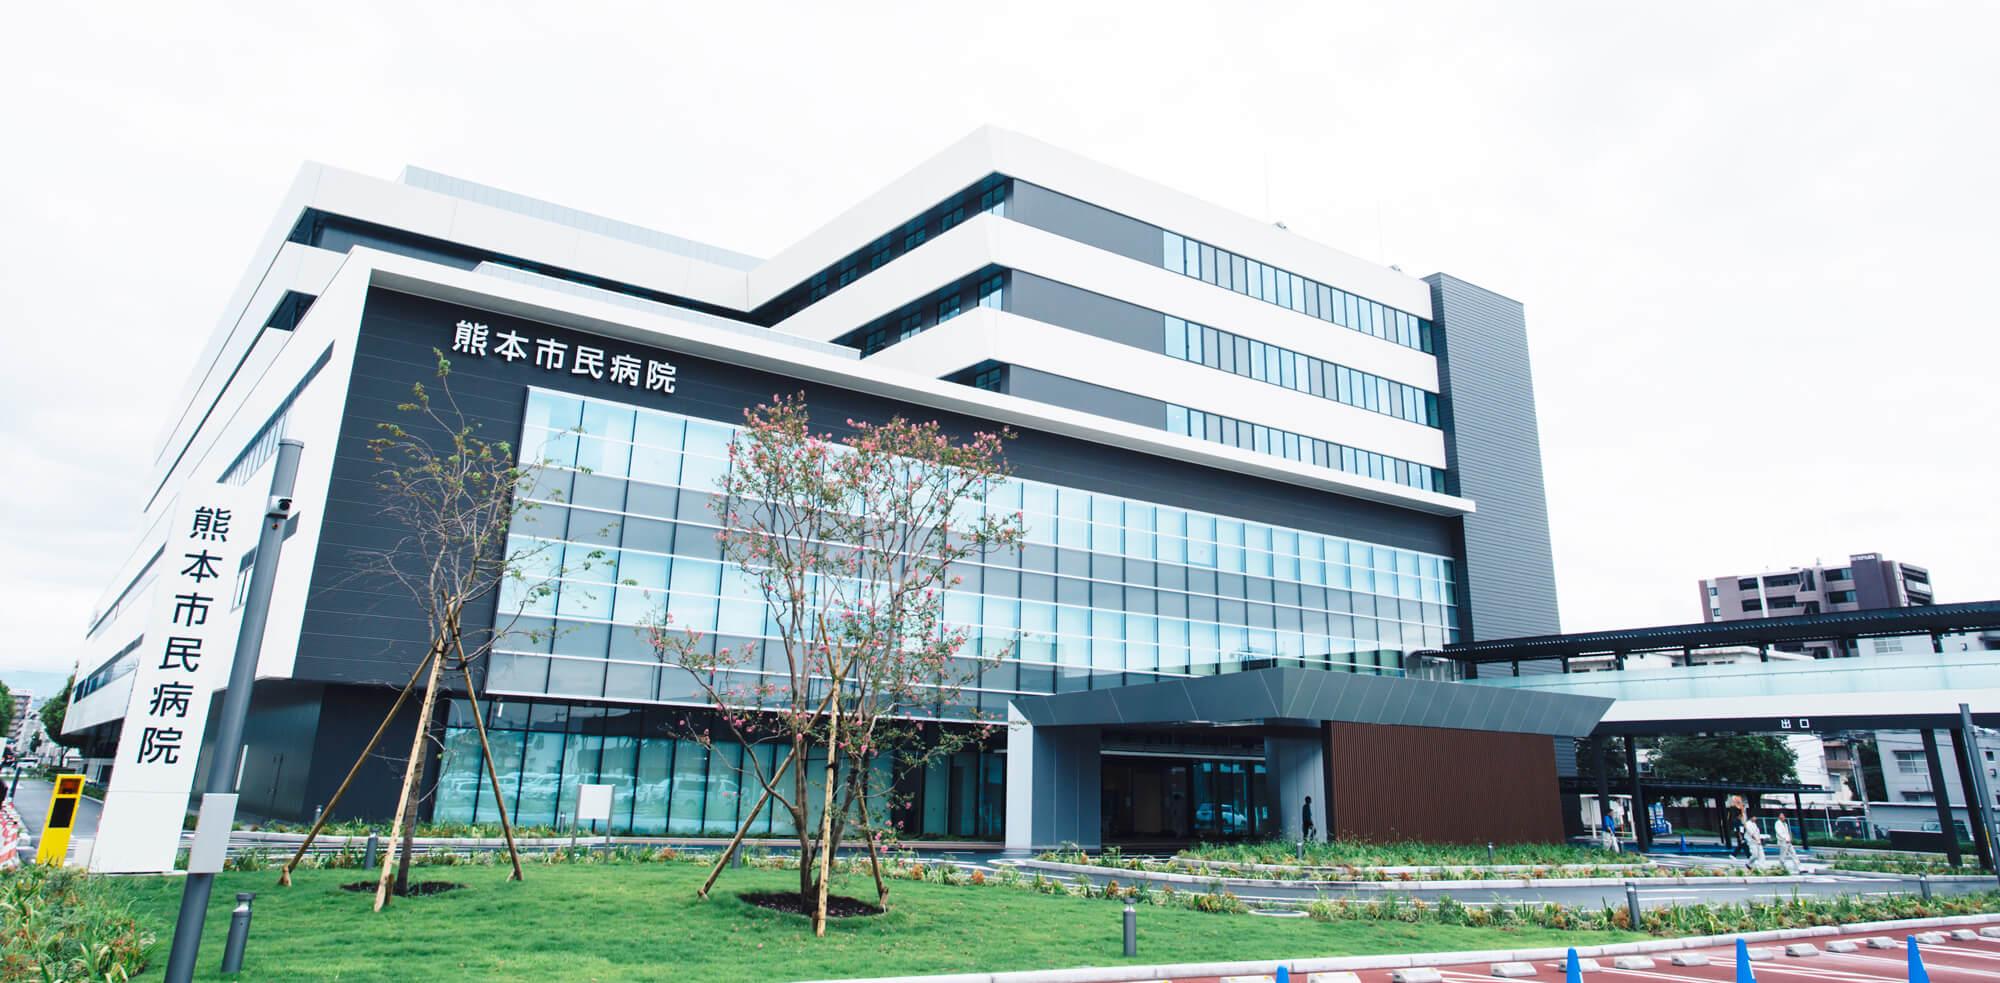 熊本市立市民病院